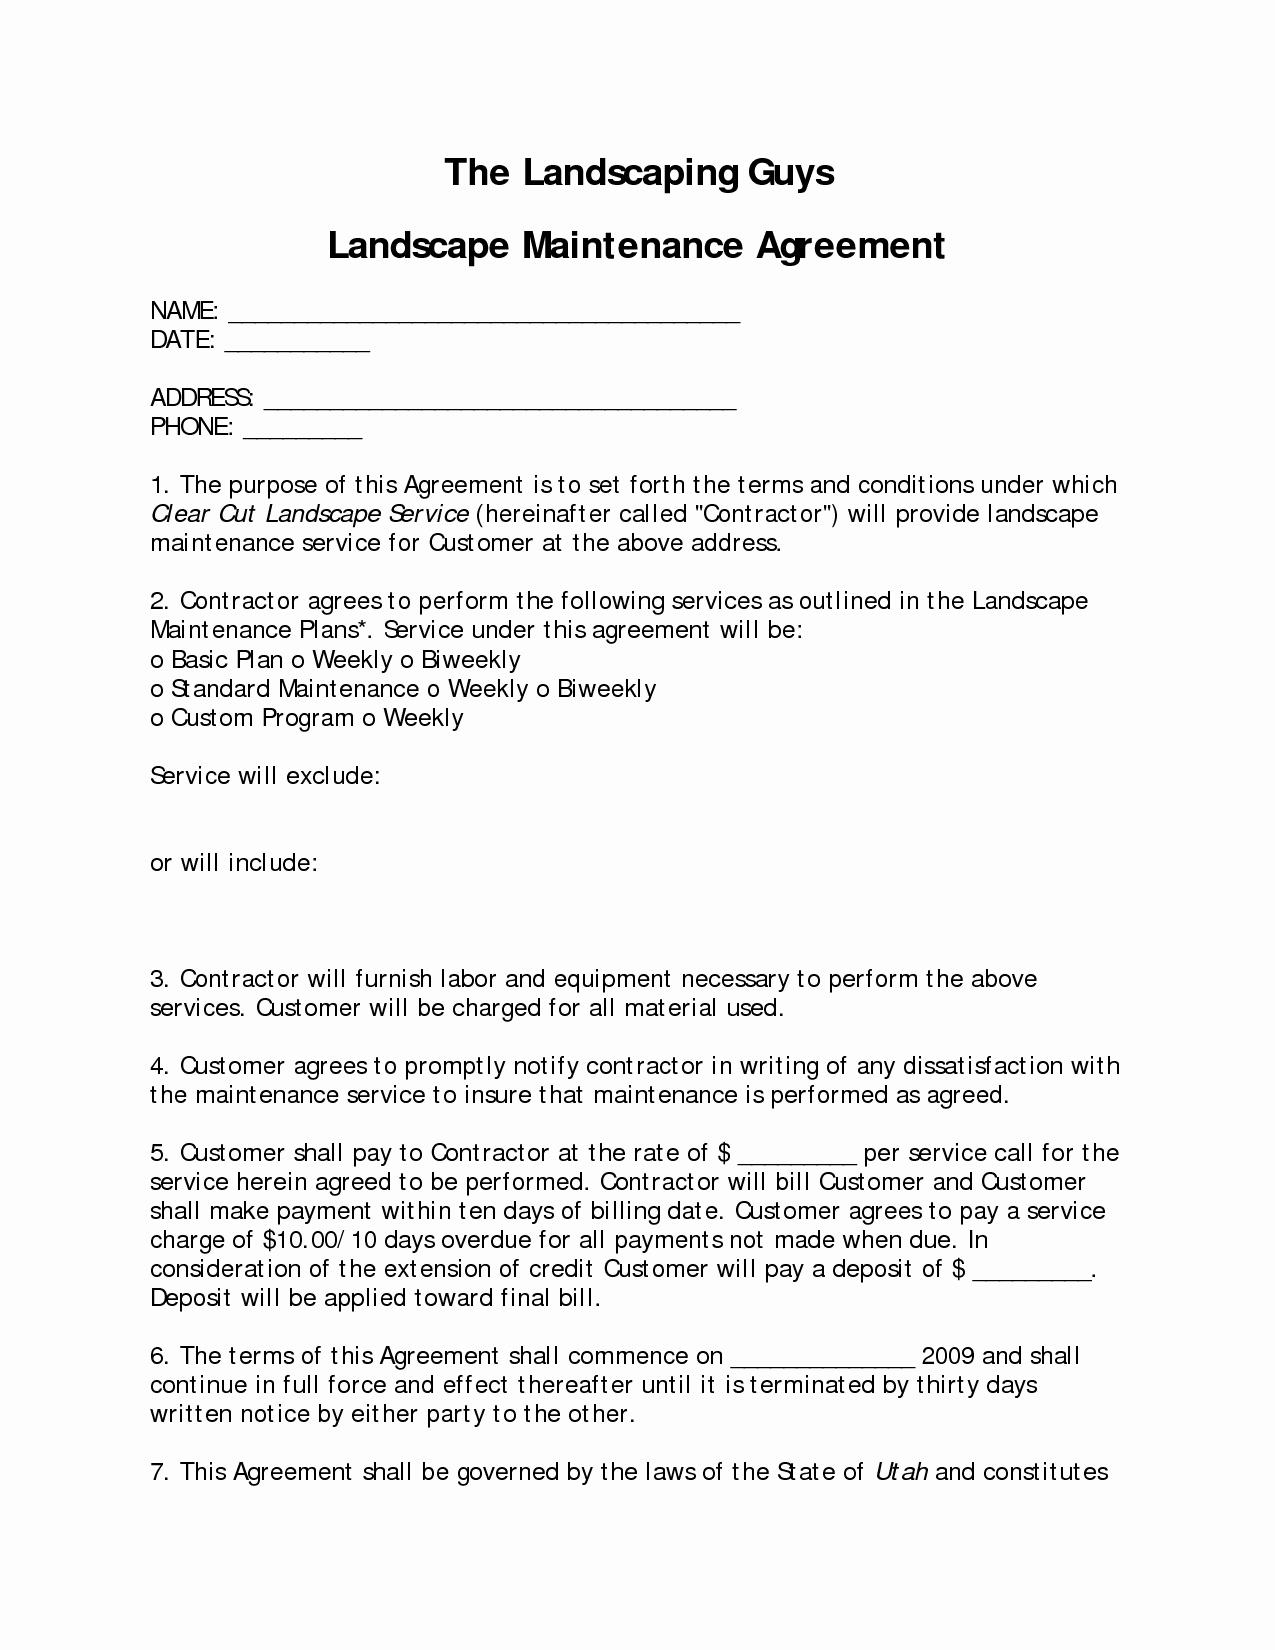 Commercial Landscape Maintenance Contract Template Fresh Marvelous Landscape Contract 9 Landscape Maintenance Contract Template